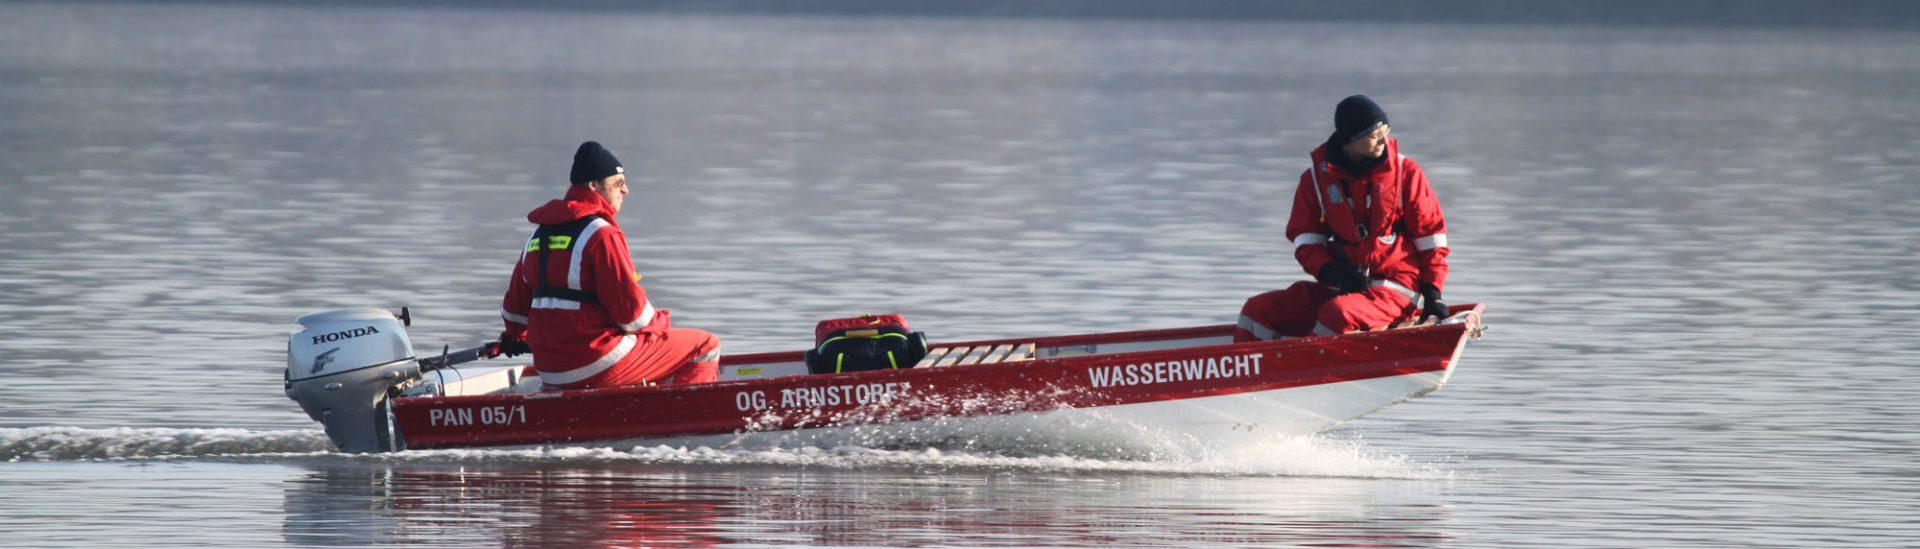 Motorboot der Wasserwacht Arnstorf